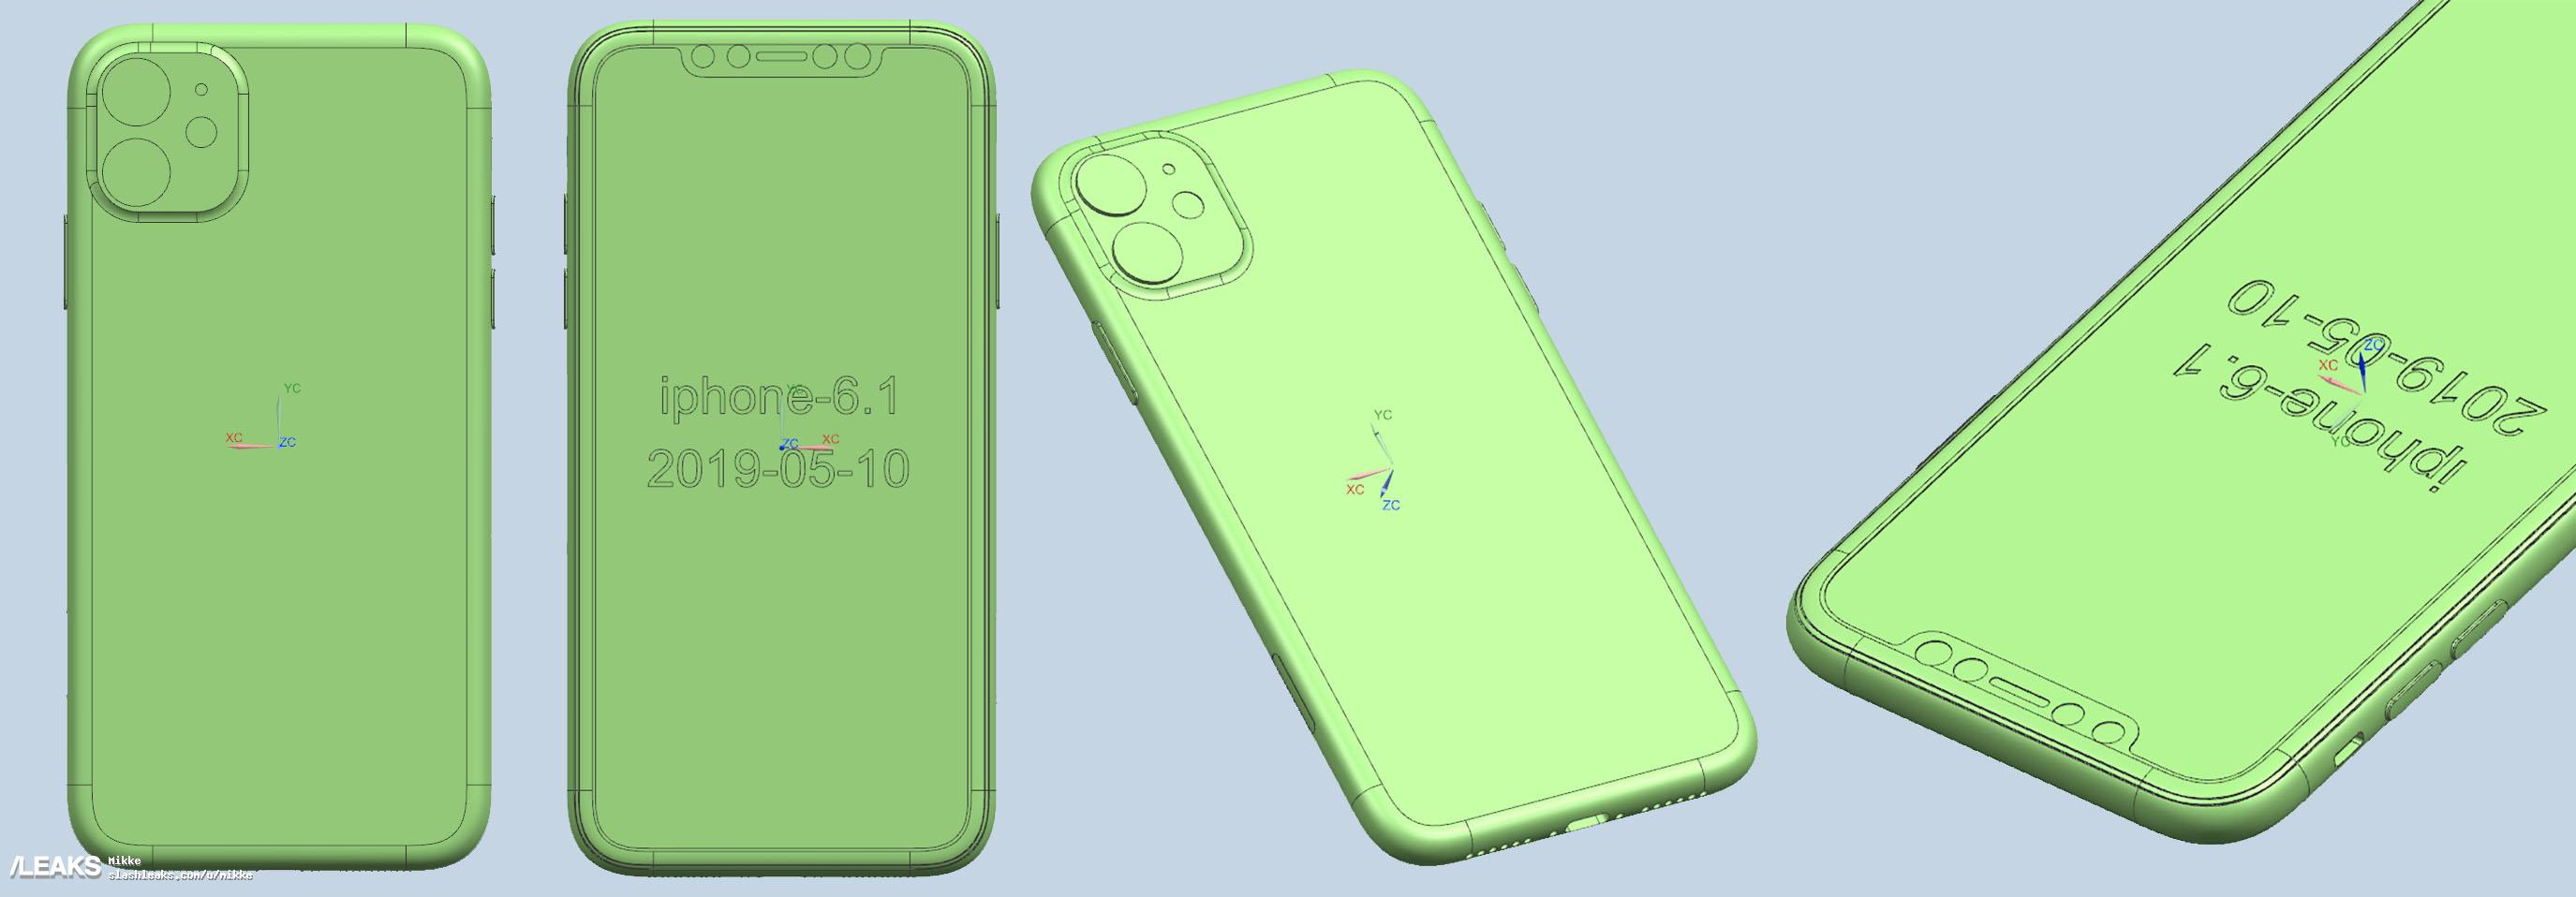 iPhone XR 2019 CAD schematische tekening.